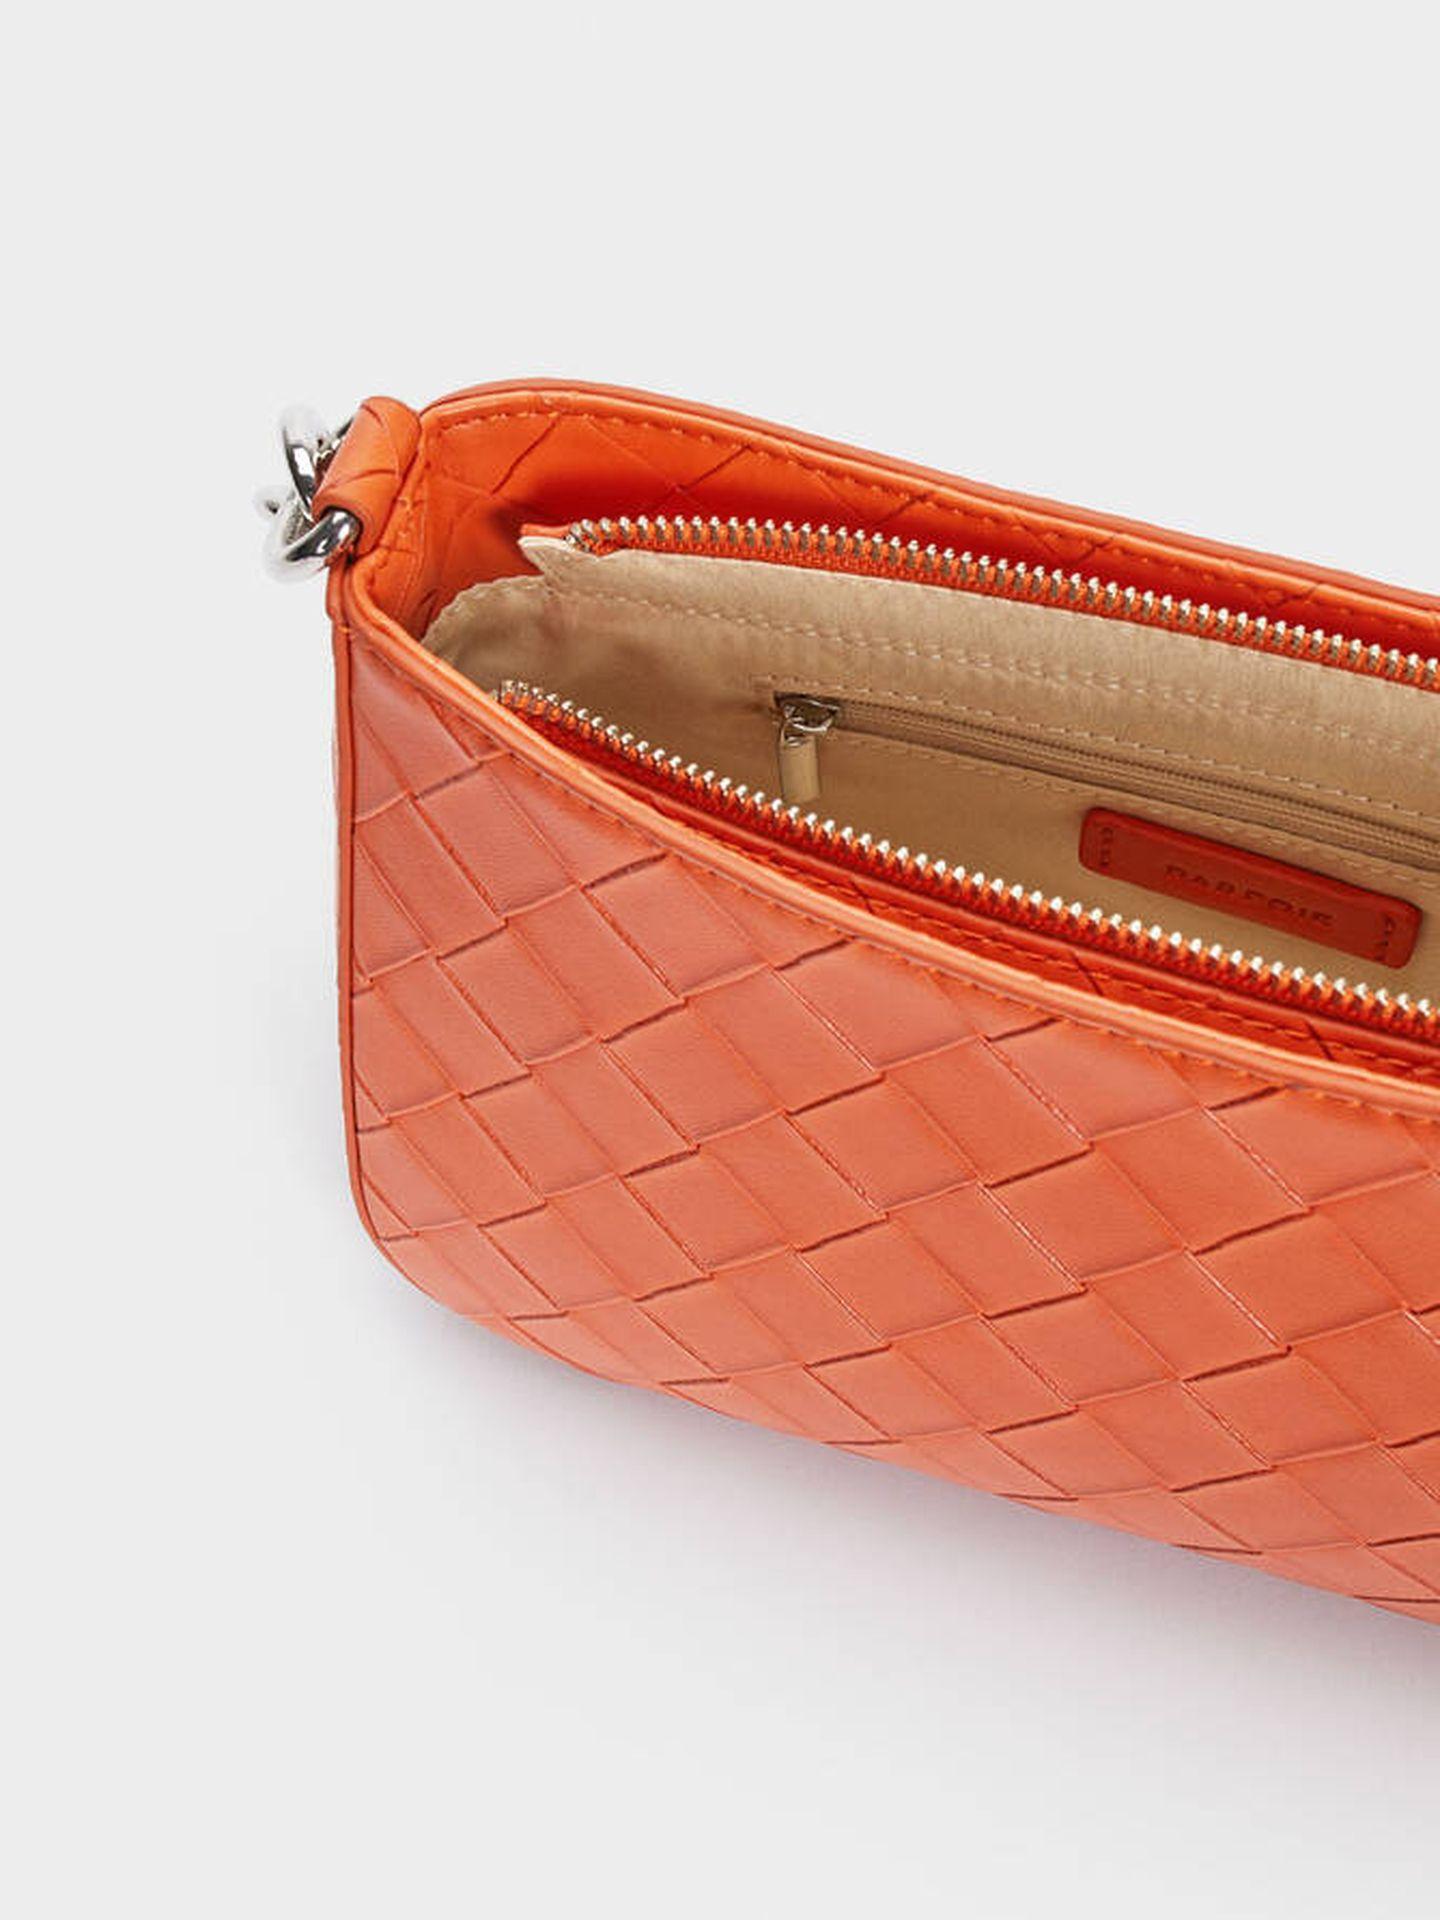 El nuevo bolso trenzado de Parfois para este verano. (Cortesía)